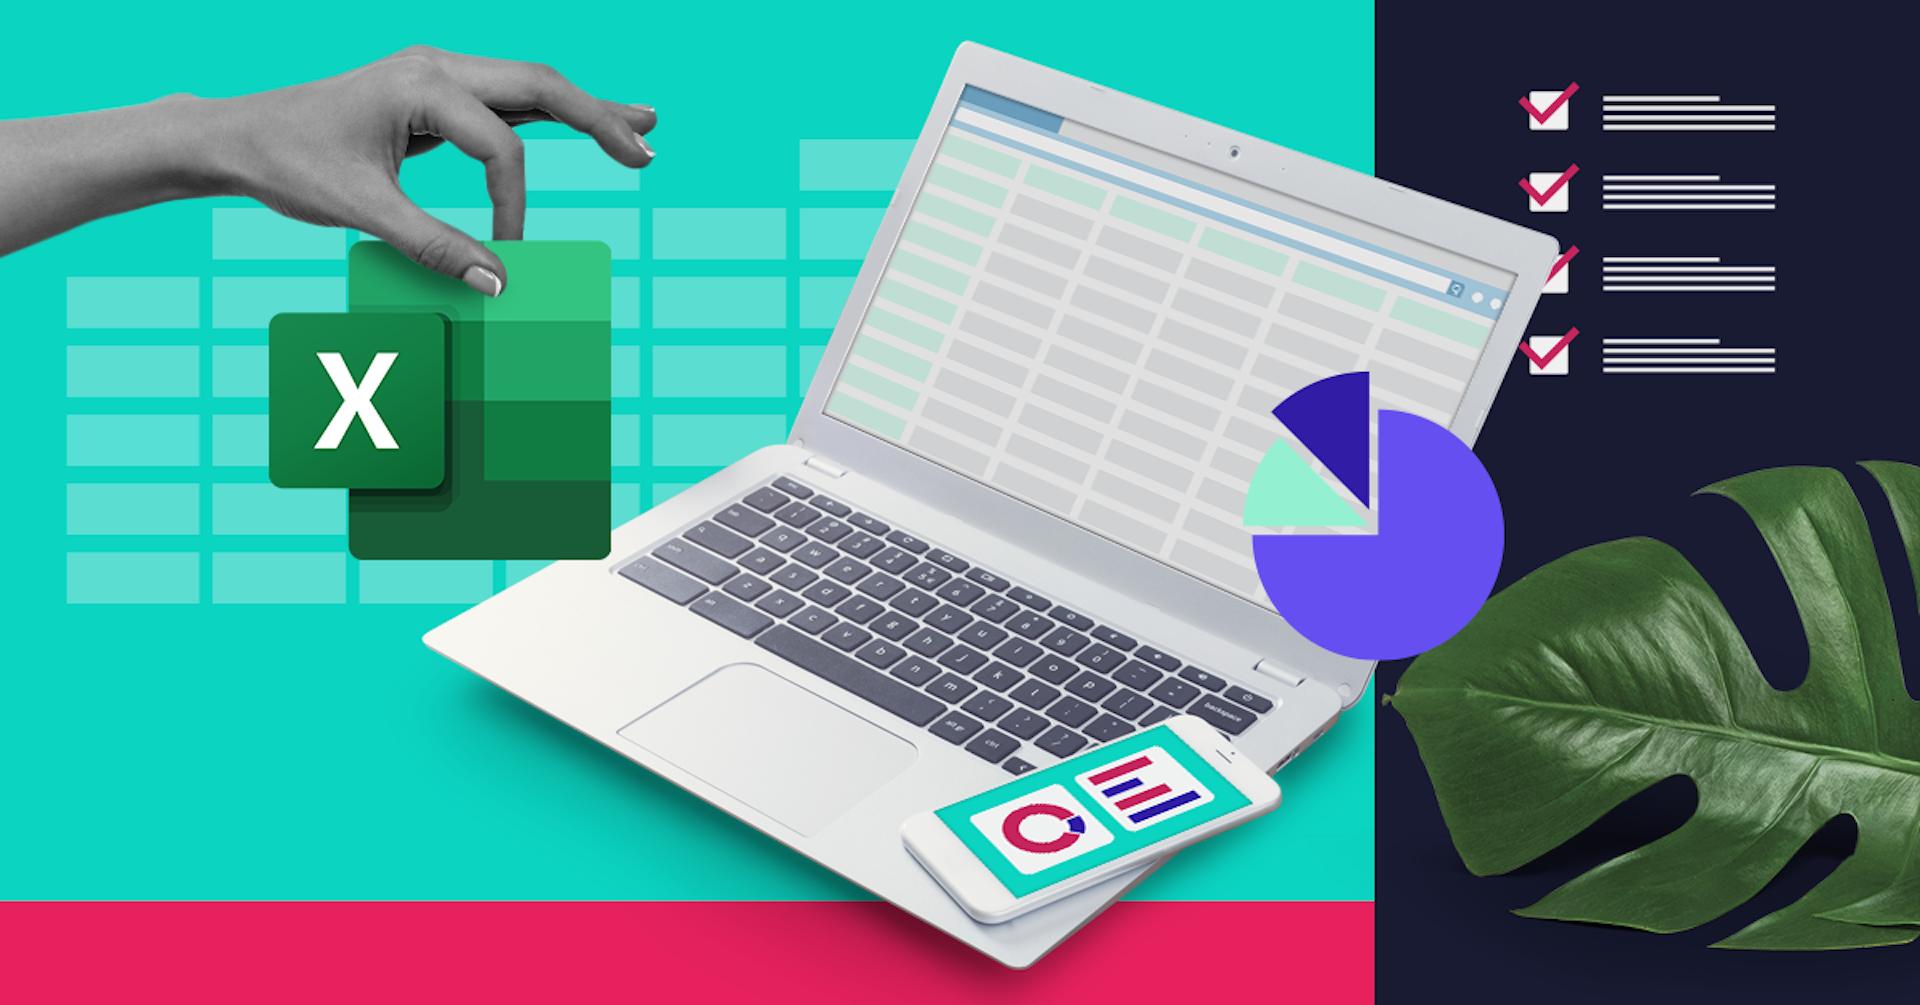 Descubre 15 fórmulas de Excel avanzado ¡que te ahorrarán horas de trabajo!